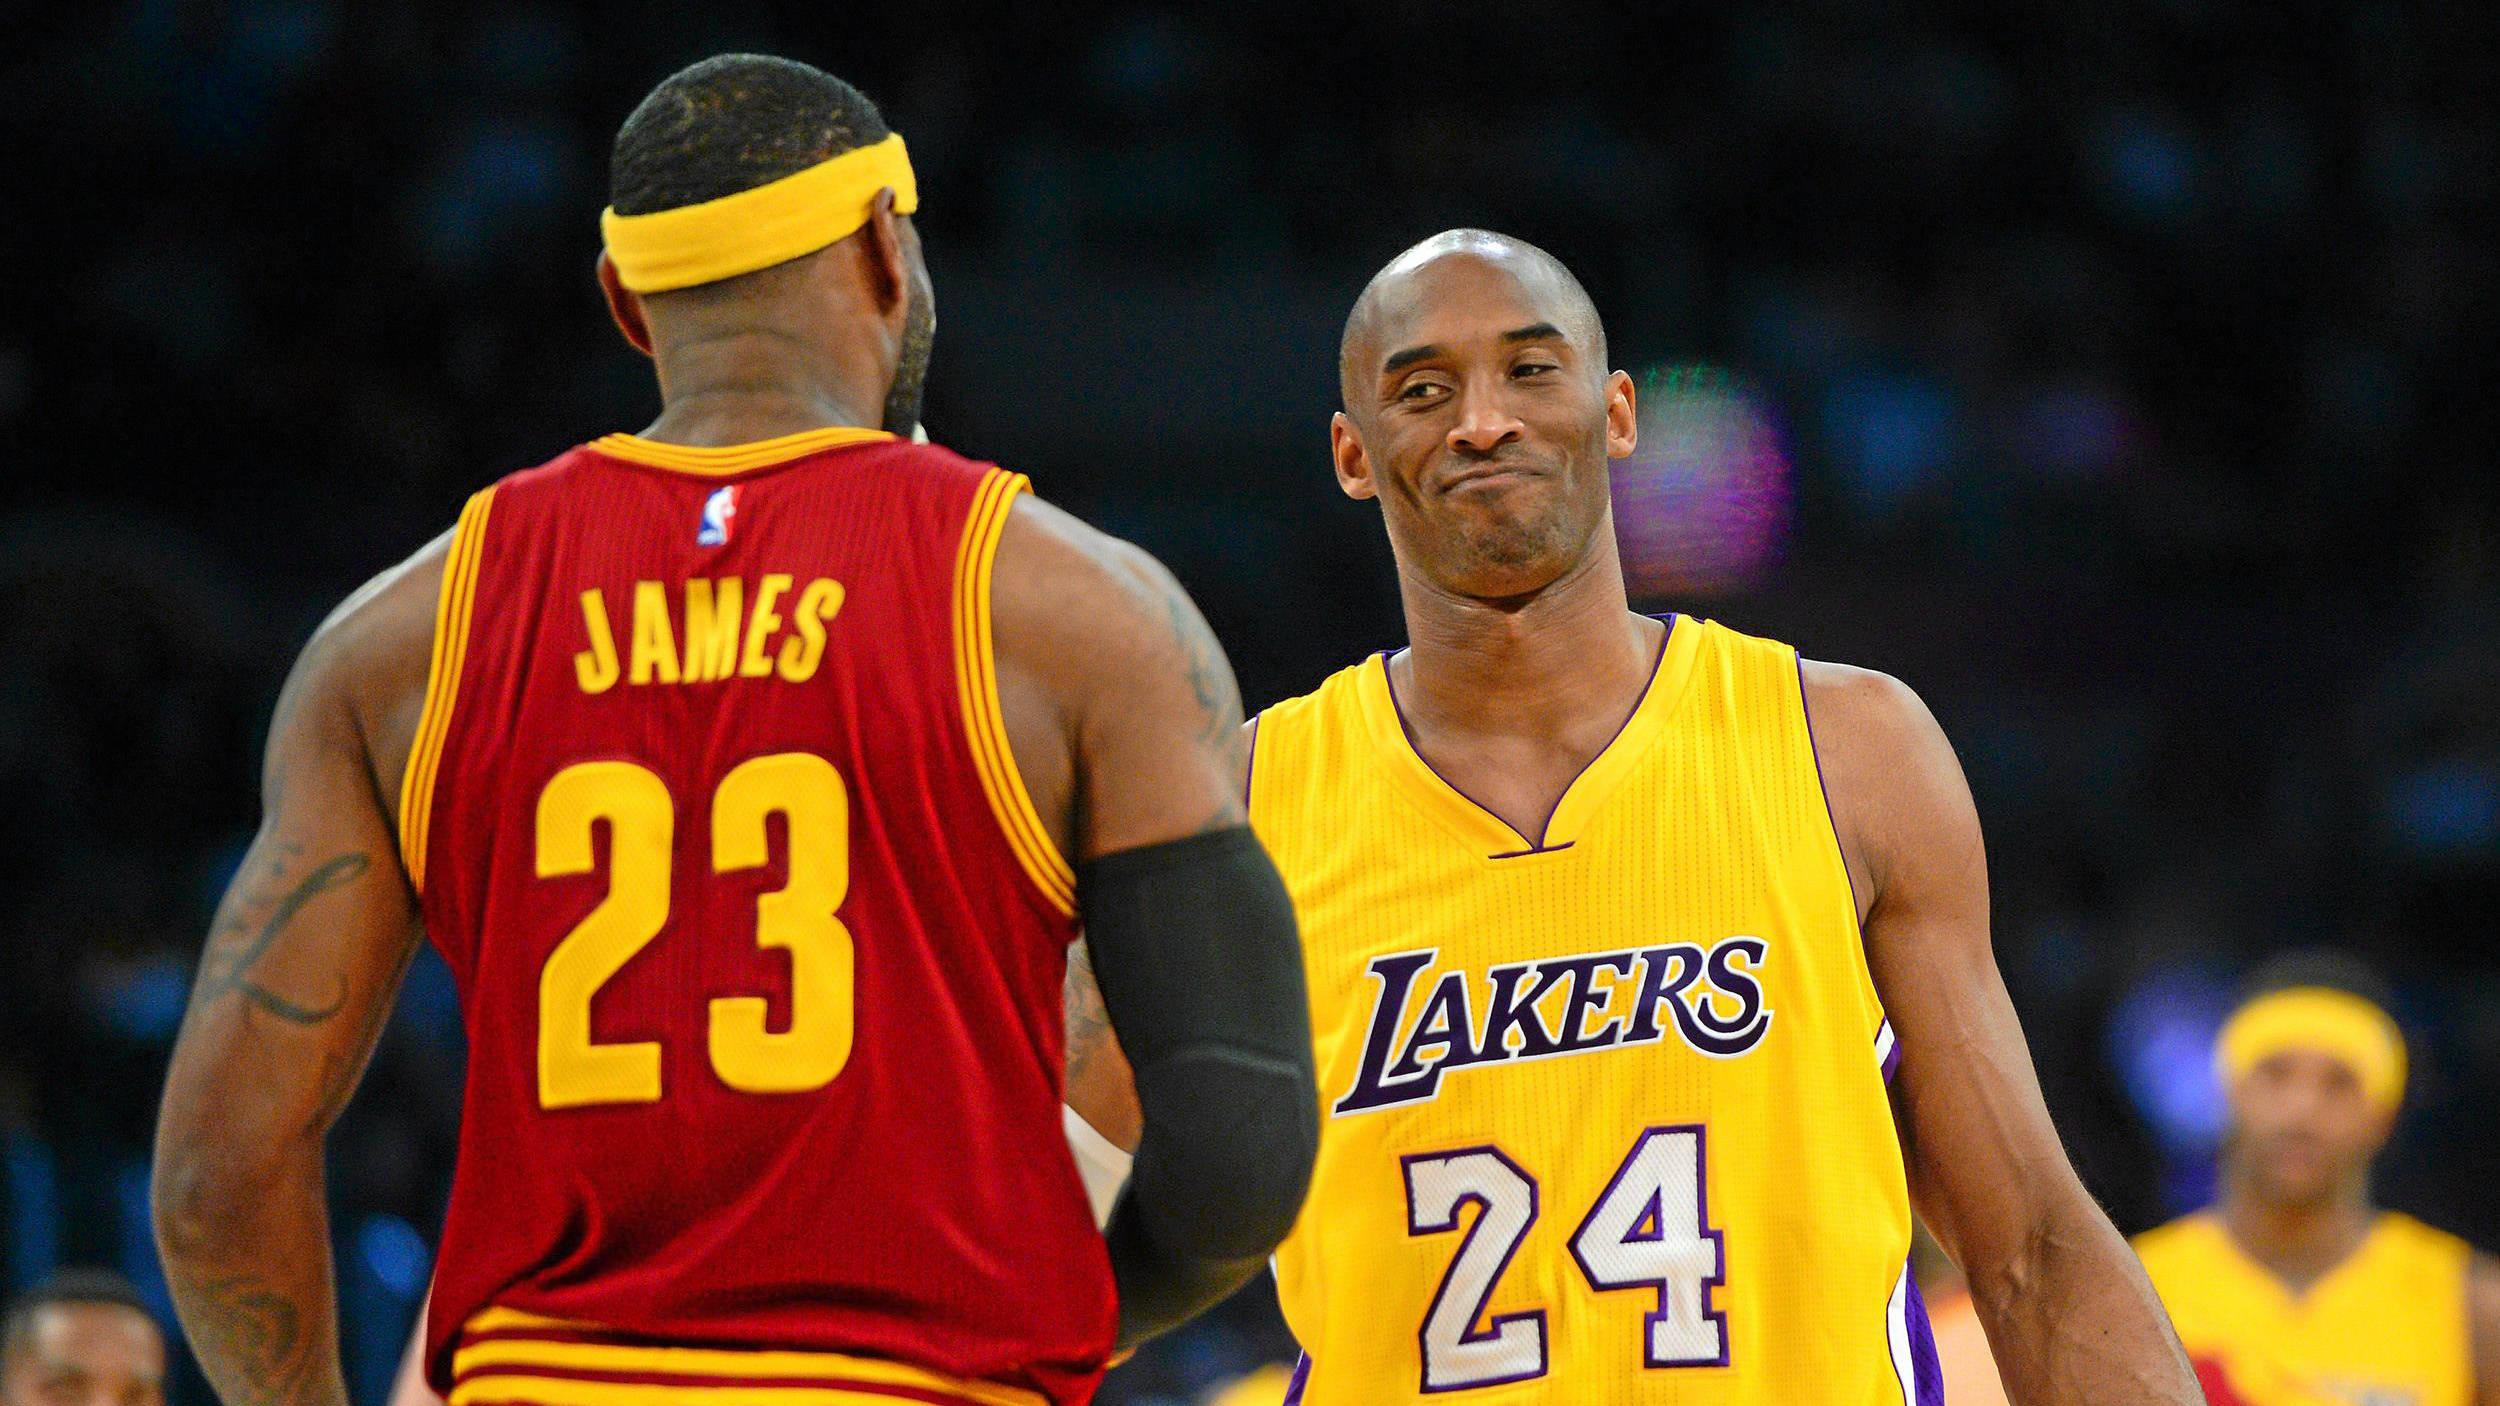 NBA历史上最伟大的球员几乎都身处不同时代,所以这些球员之间